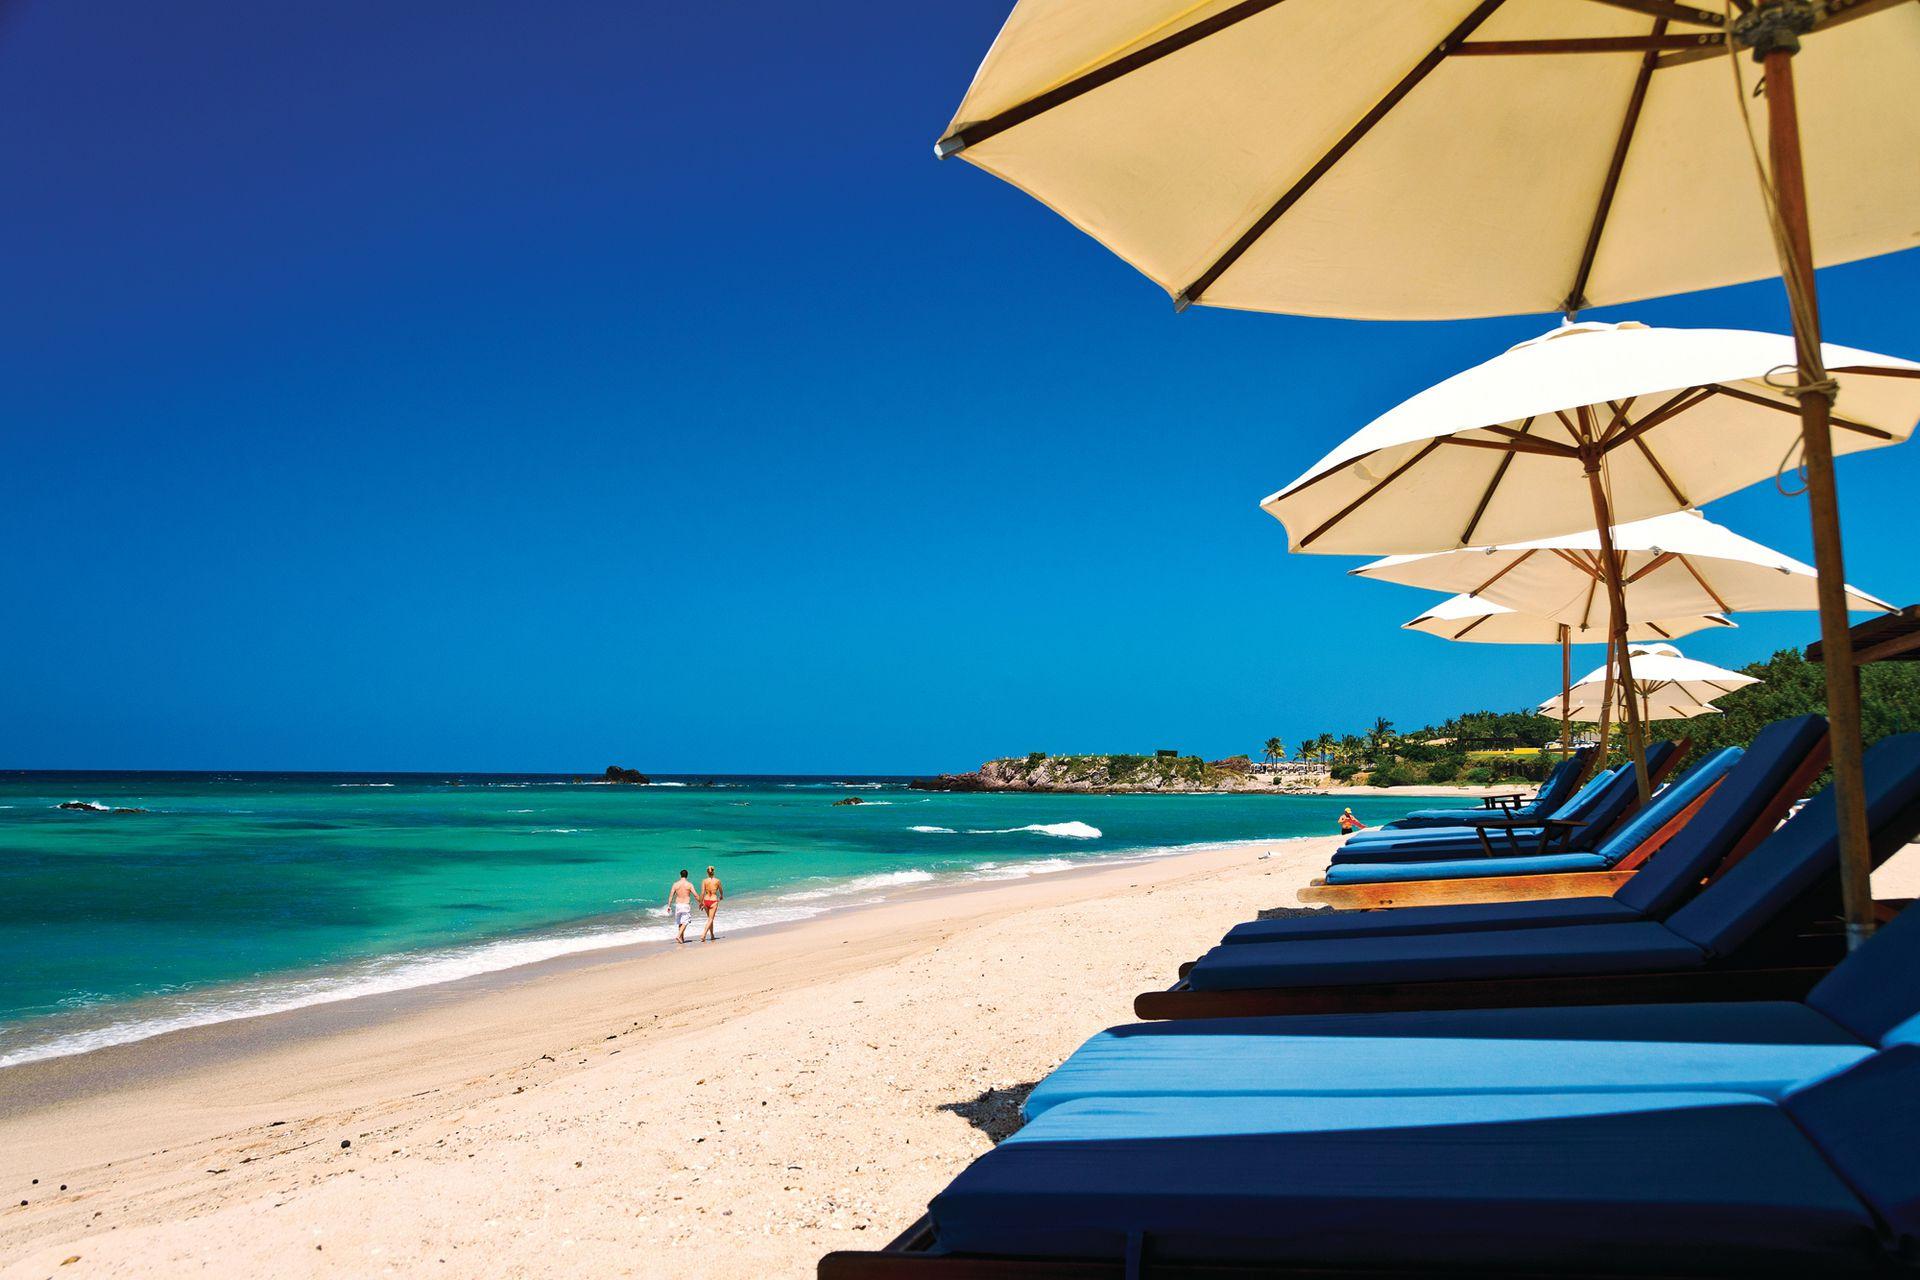 La exclusividad de las playas de Punta Mita